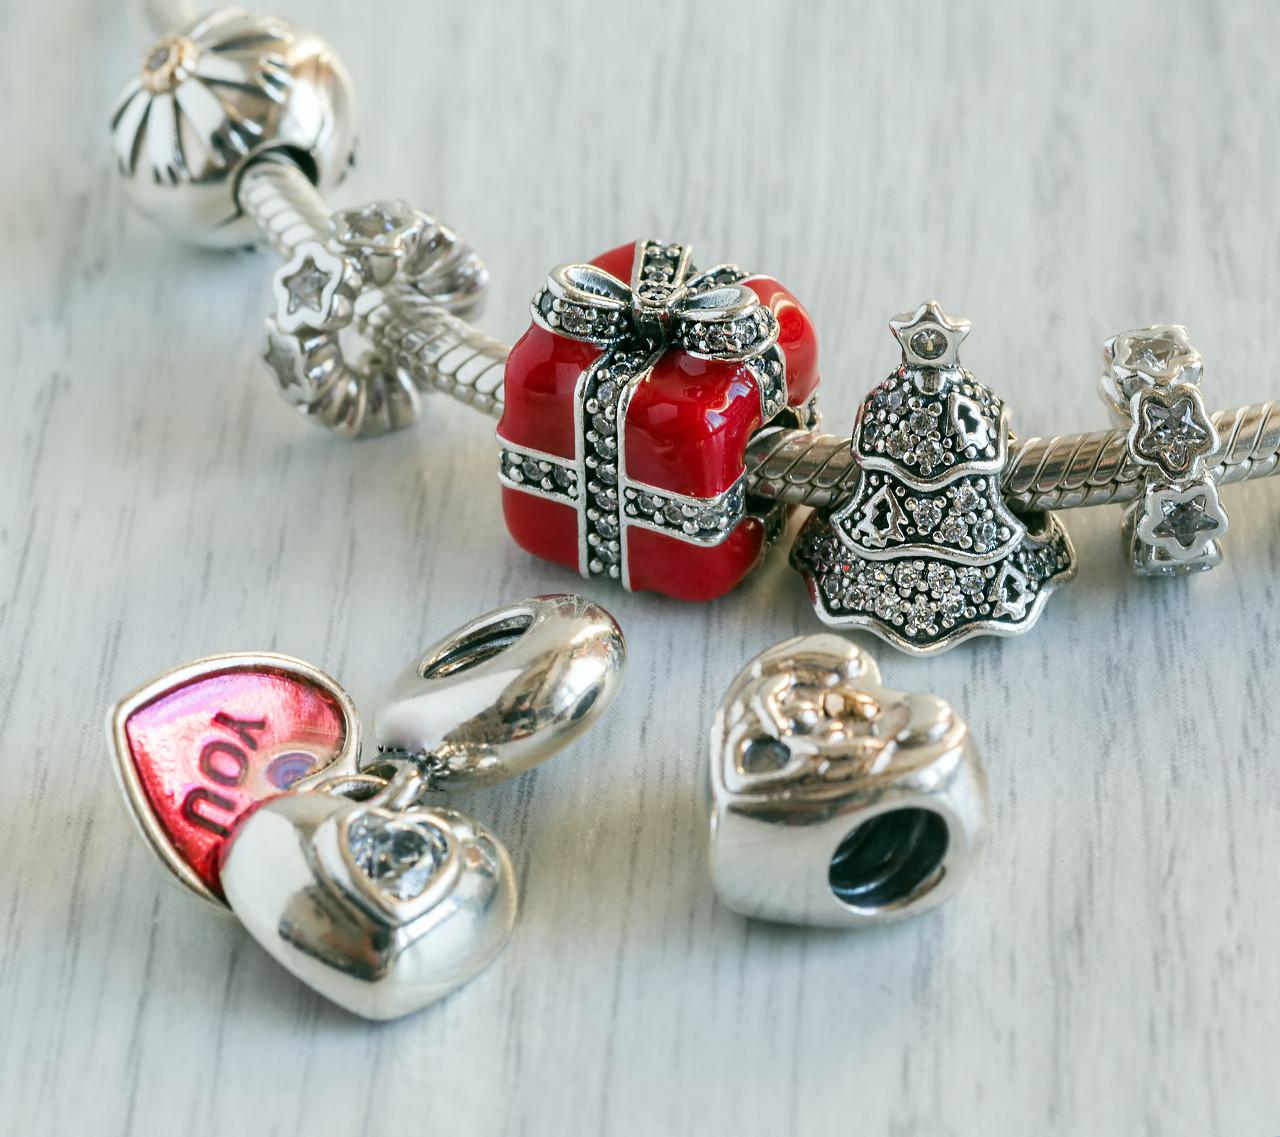 历峰集团珠宝部门销售额同比上涨3%至74.59亿欧元